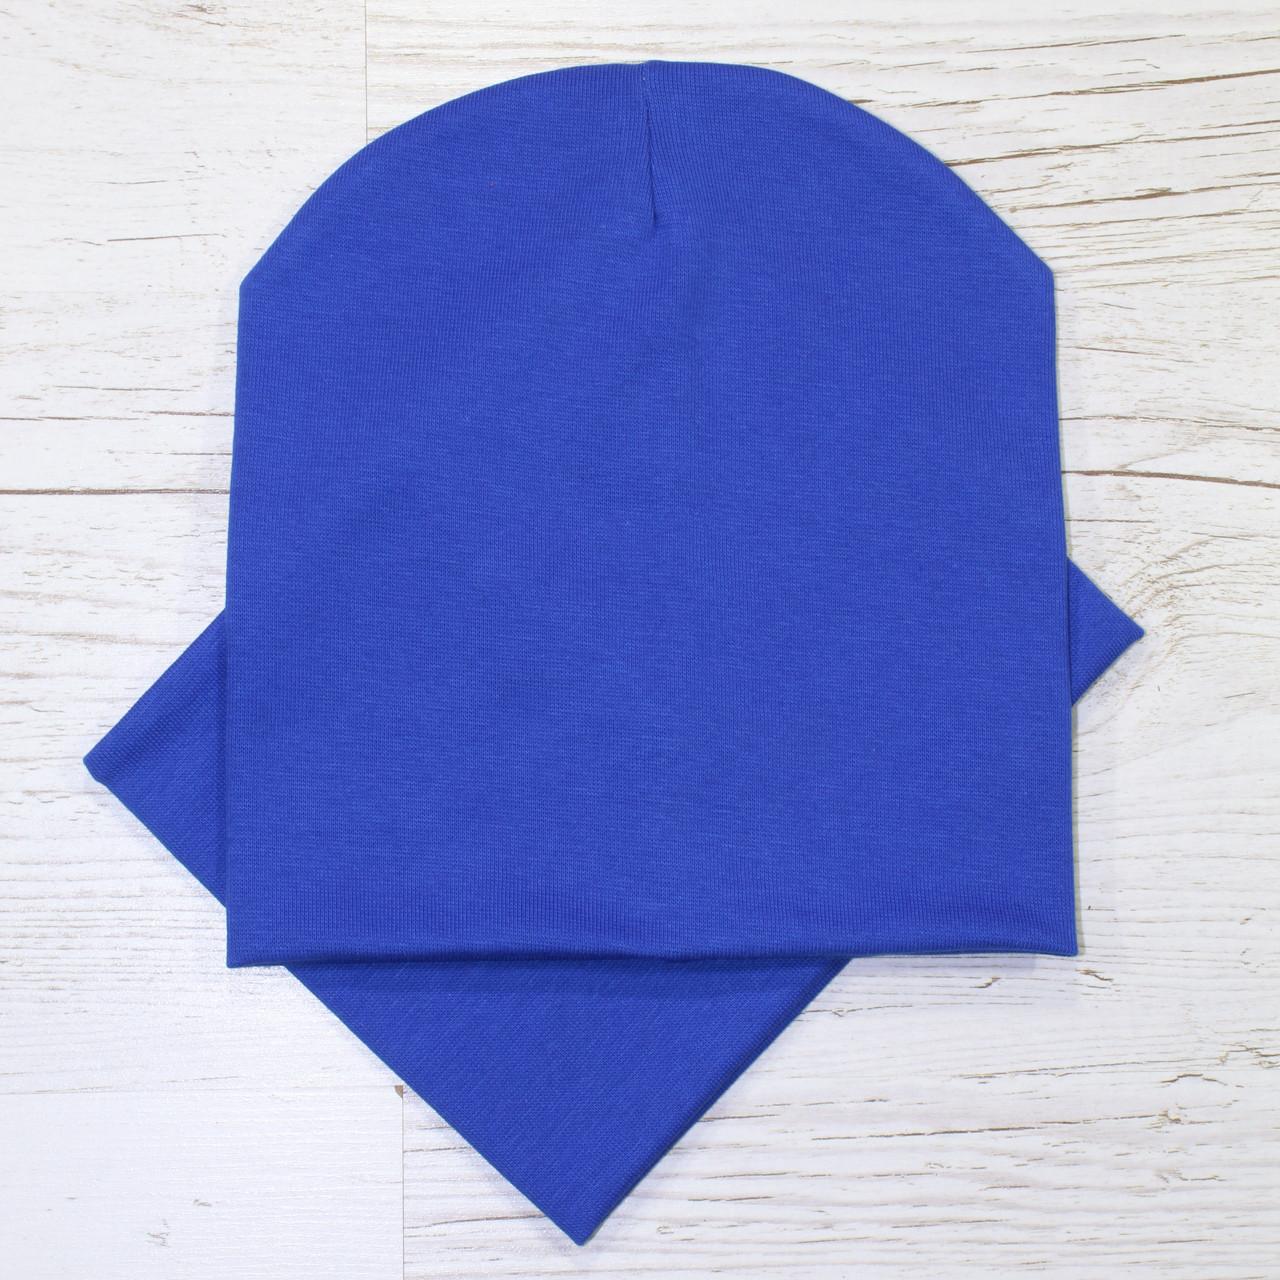 Демисезонная трикотажная шапка комплект электрик 48-52р.